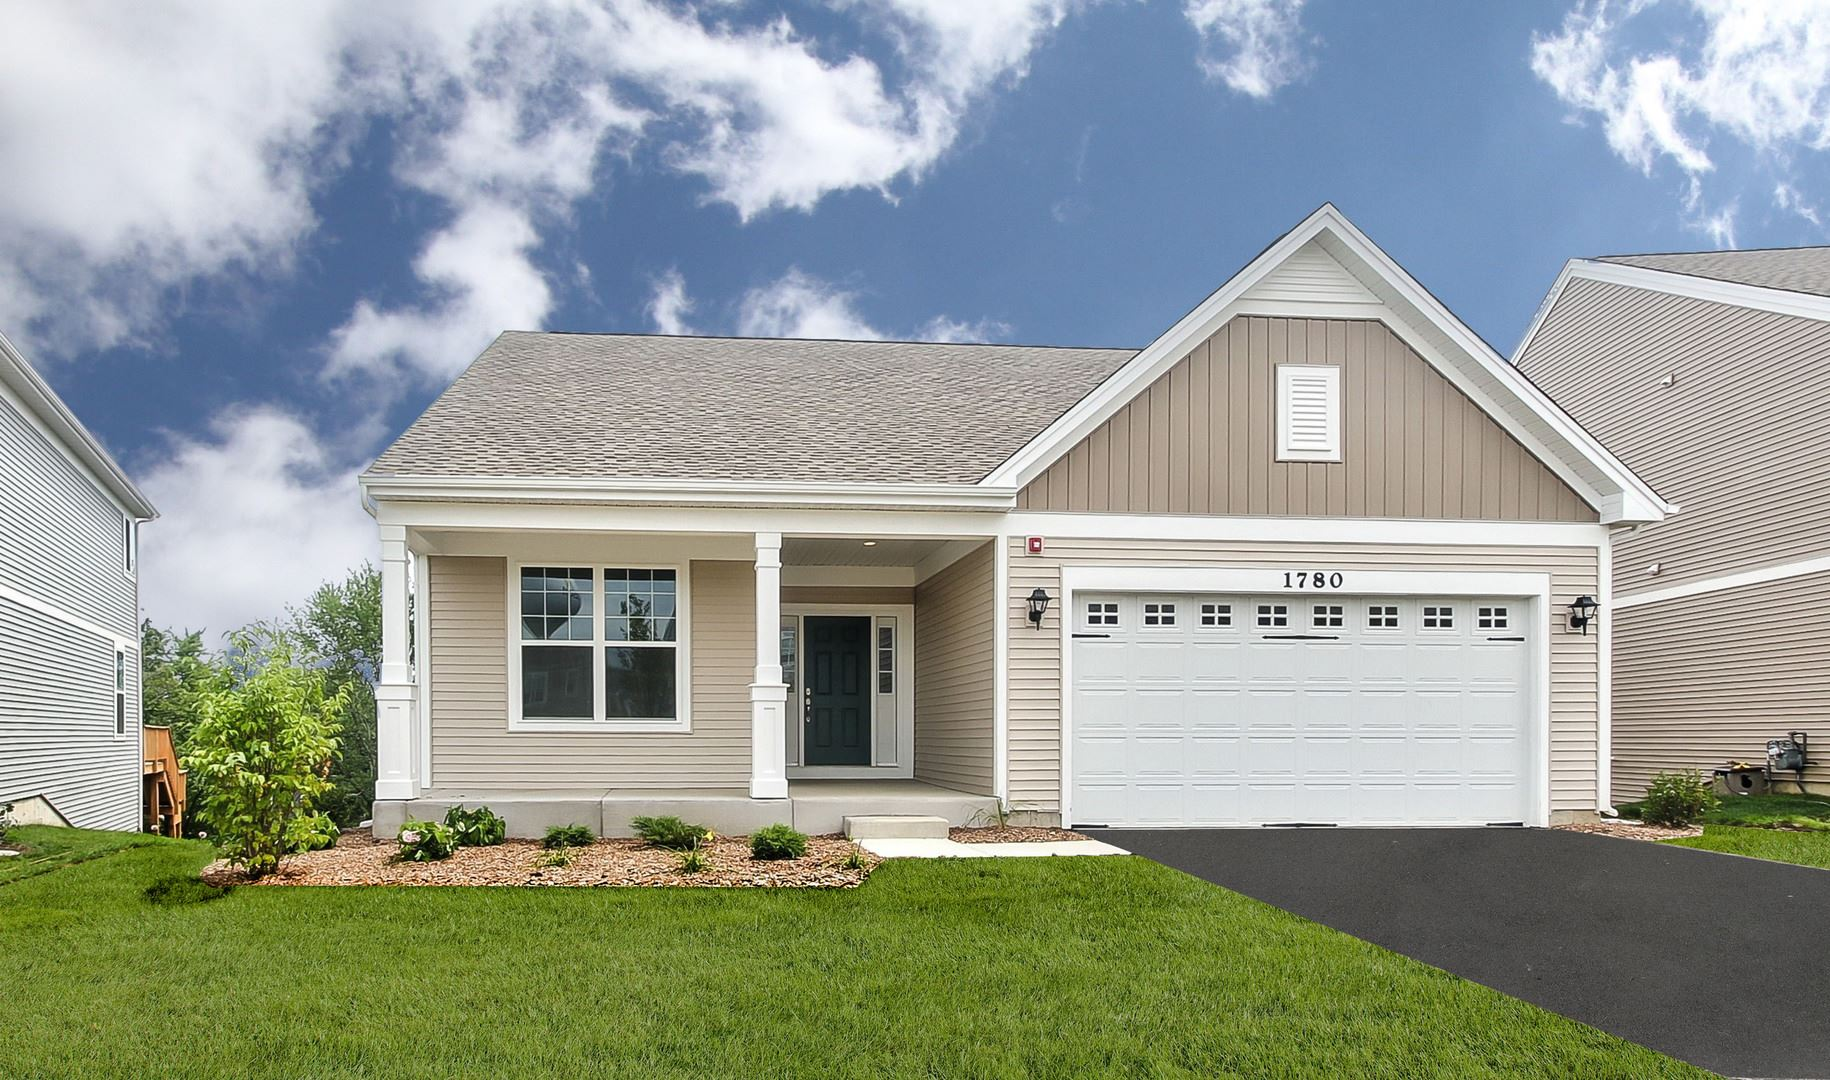 1780 Savannah Circle, Mundelein, IL 60060 - MLS#: 10669980